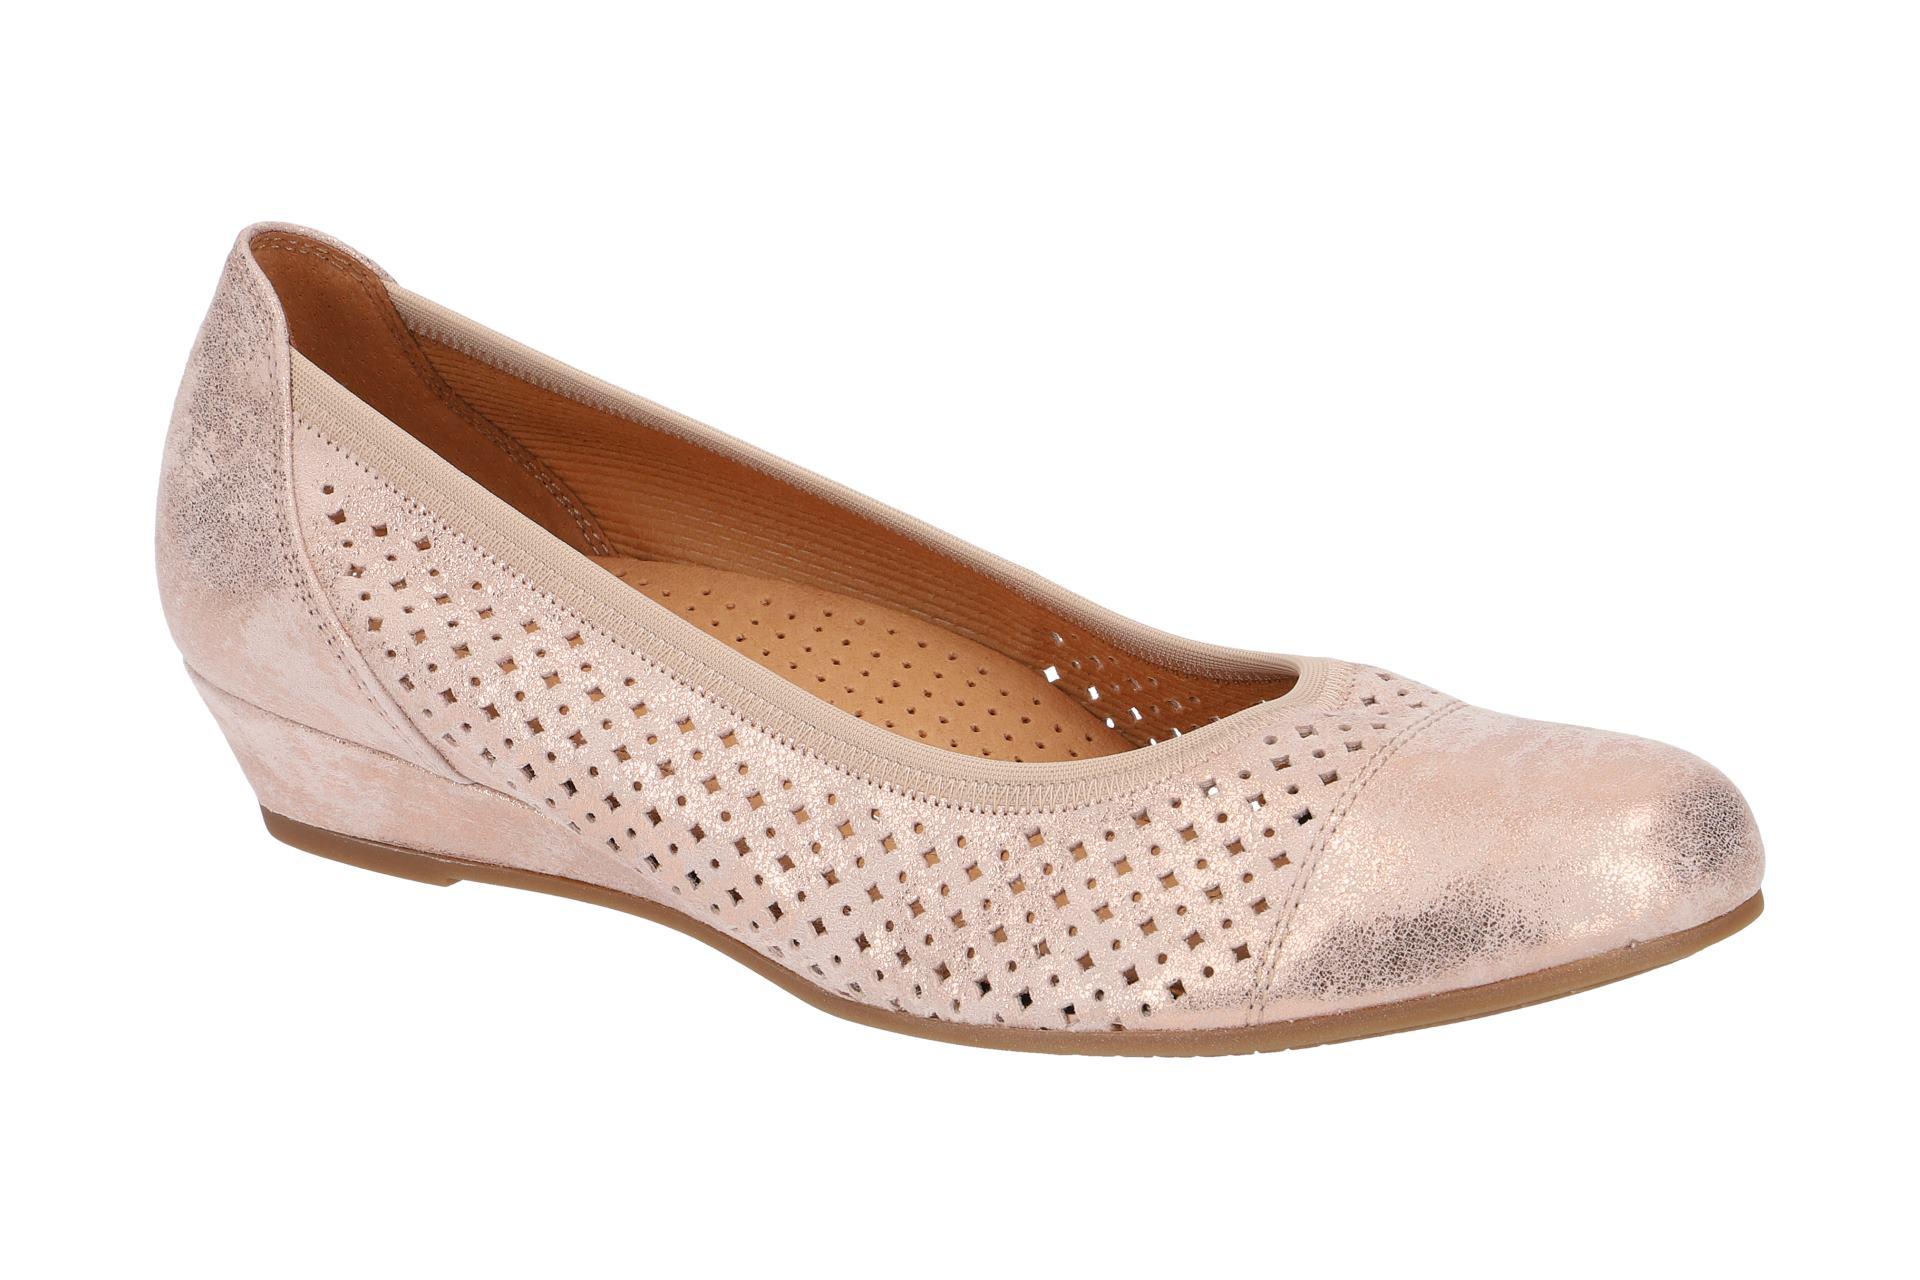 8e8dfcd8ff79 Gabor Slipper rosa metallic 82.695.94 - Schuhhaus Strauch Shop